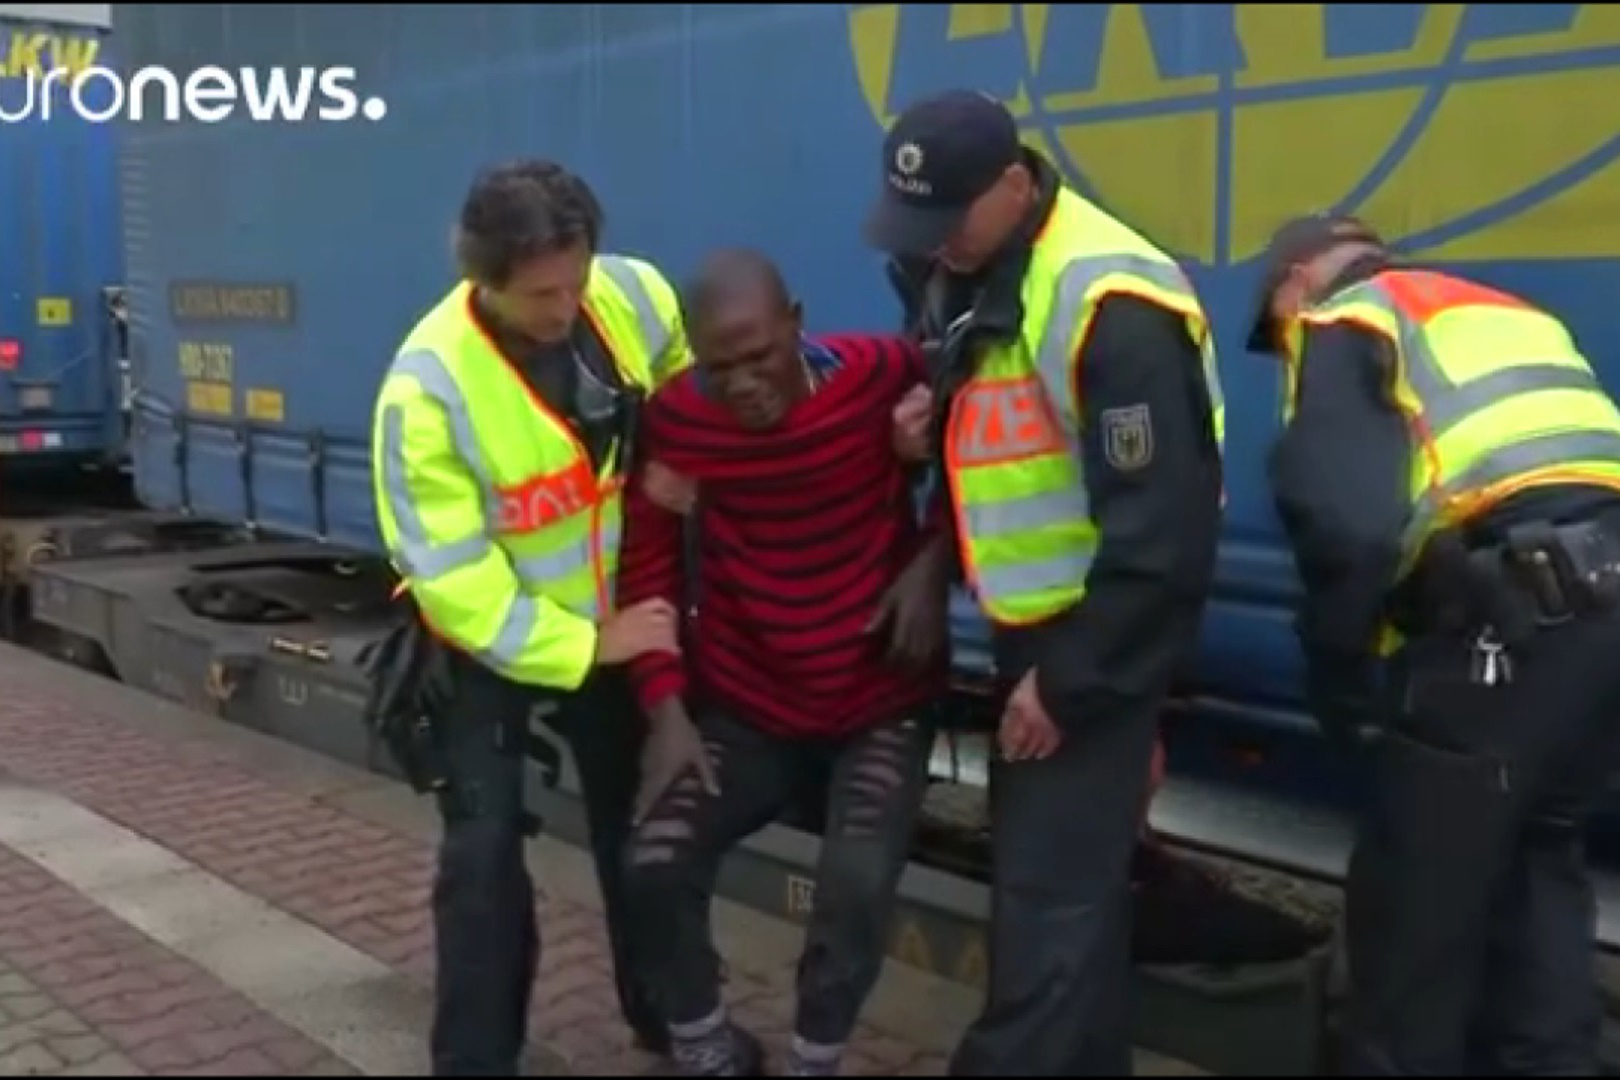 فیلم | پیدا کردن مهاجران غیرقانونی از زیر قطار باری با دوربین مجهز به دماسنج